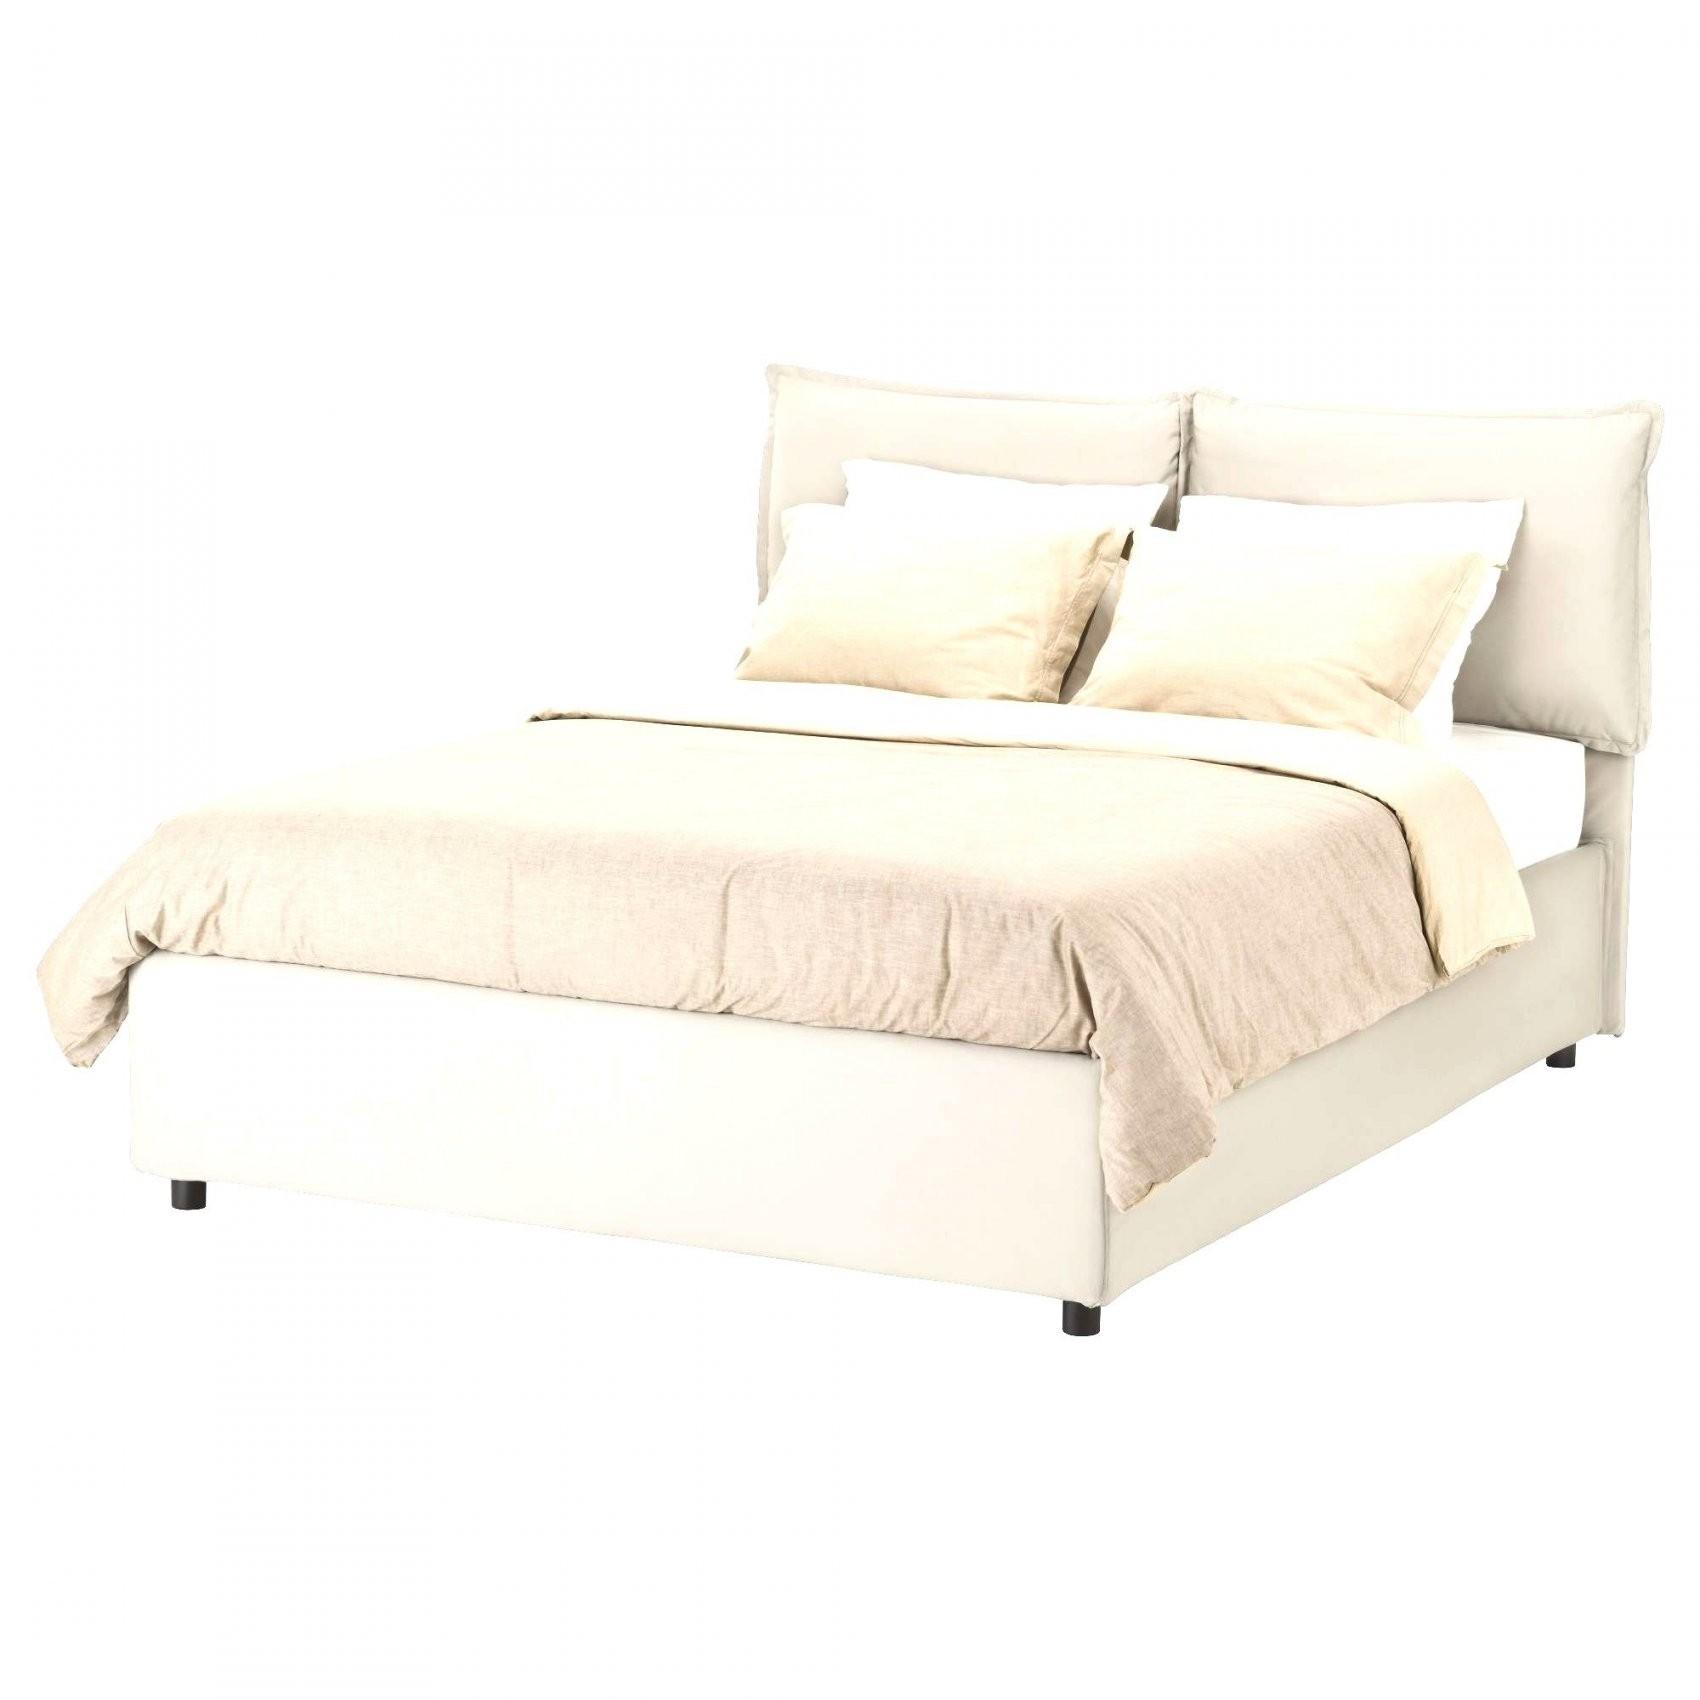 betten mit matratze bei roller online kaufen von roller betten 160x200 photo haus bauen. Black Bedroom Furniture Sets. Home Design Ideas